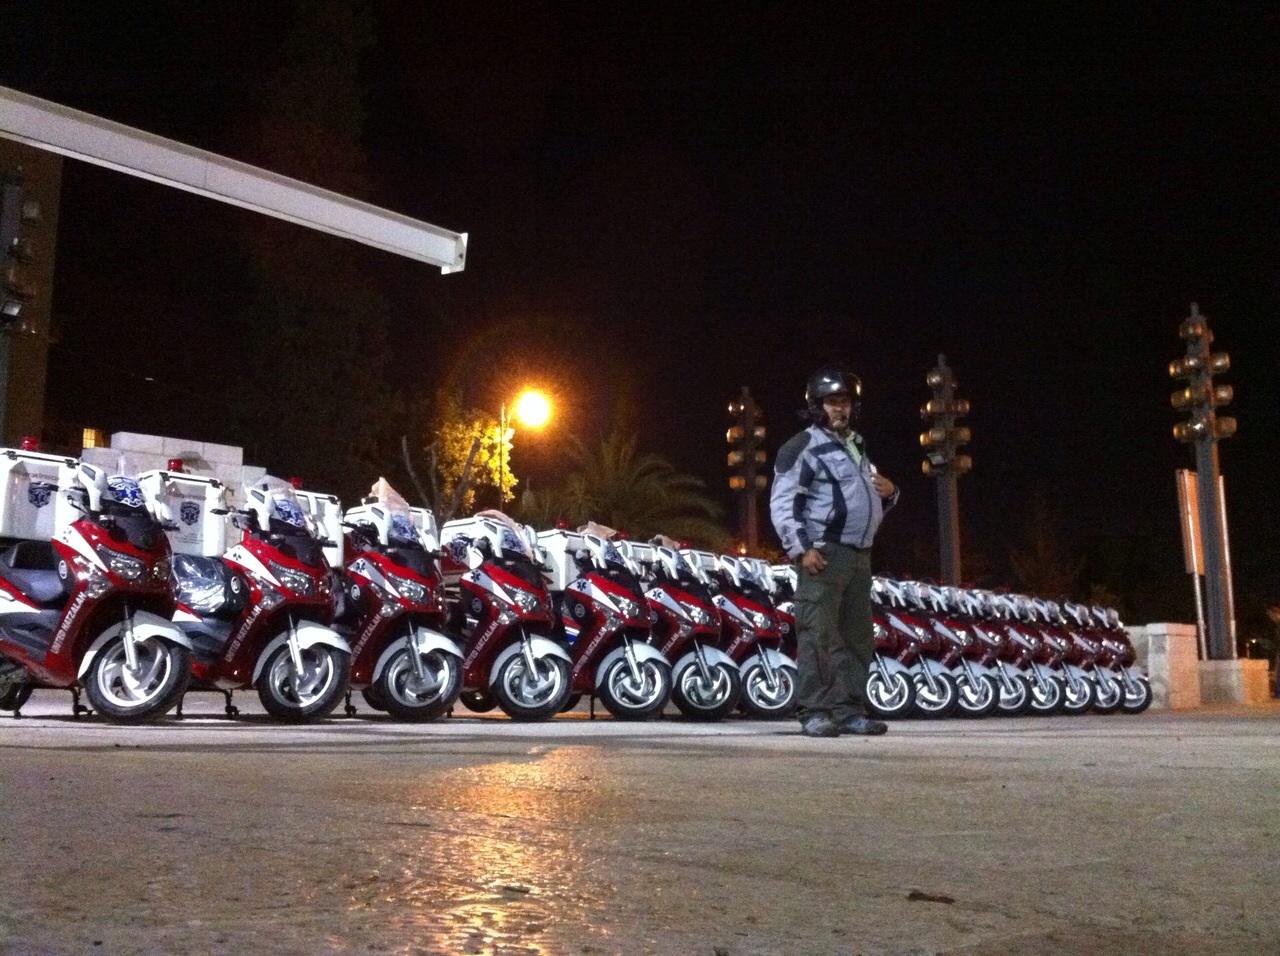 עדכון מעודכן אופנועי אמבולנס חדשים לאיחוד הצלה – מיצו בדרכים WI-96